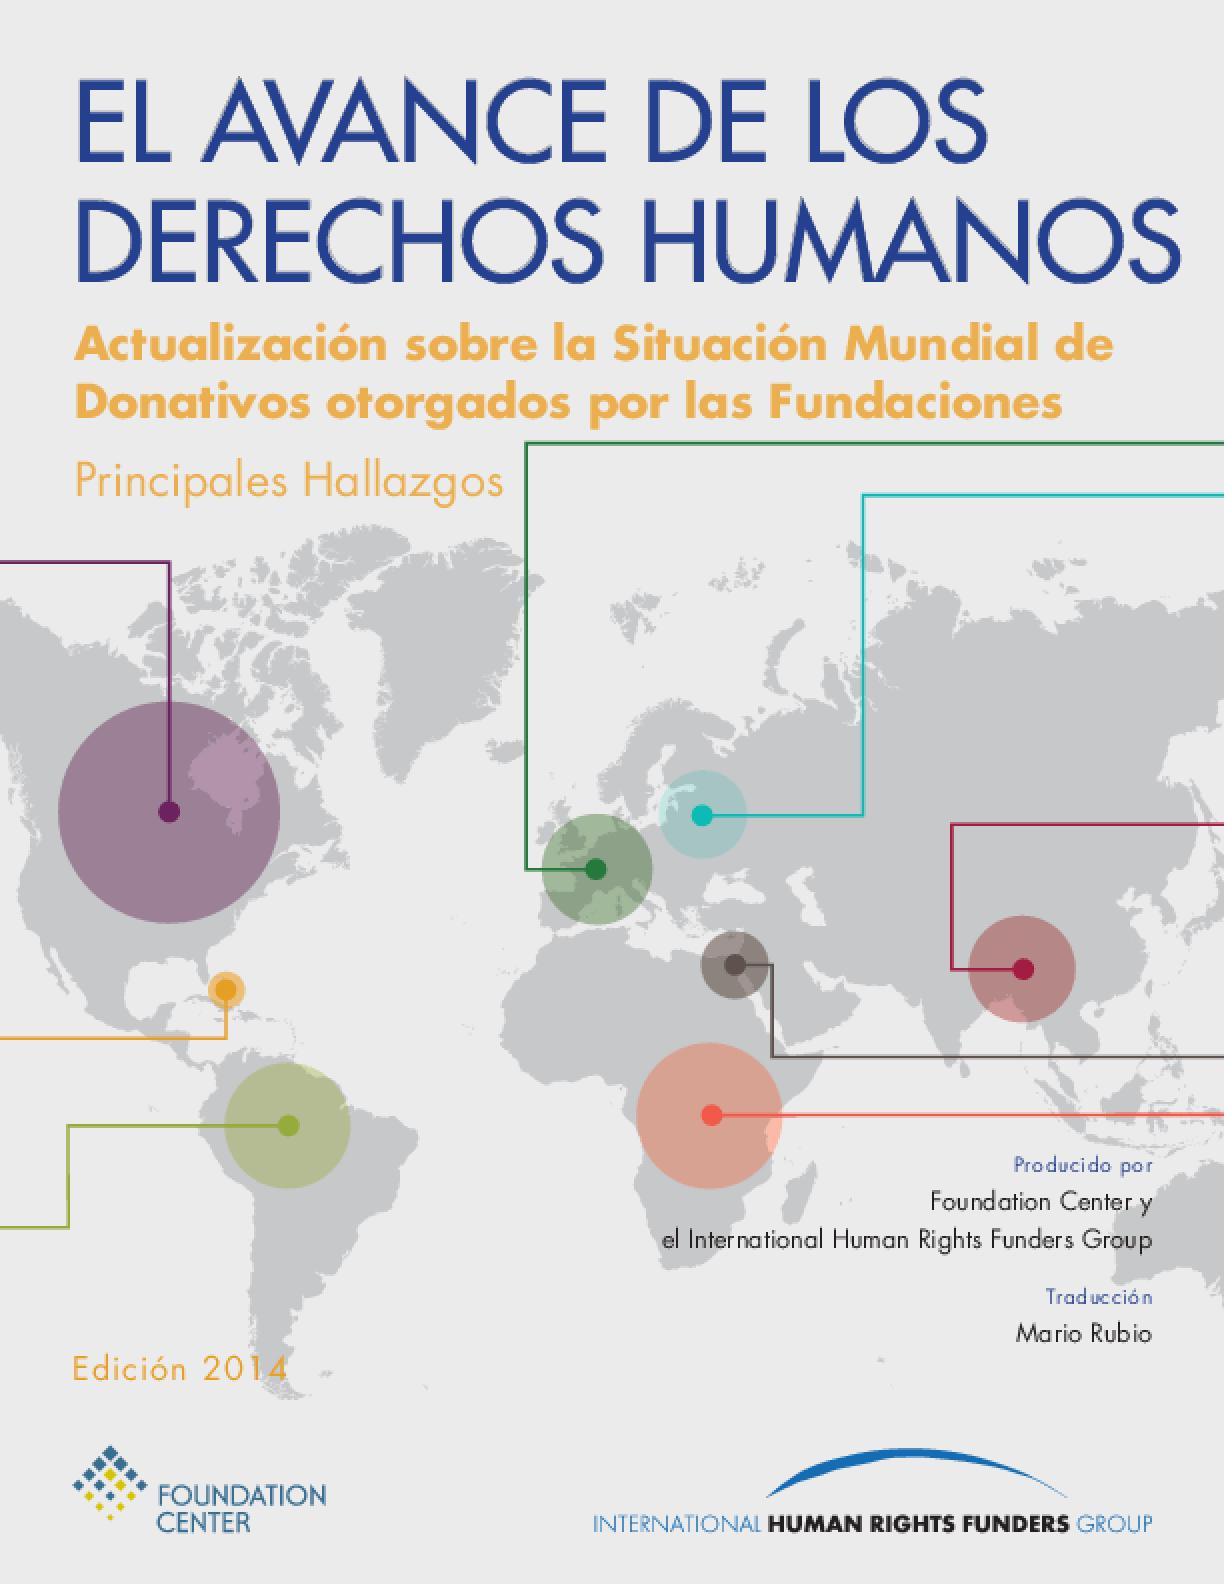 El Avance de los Derechos Humanos: Actualización sobre la Situación Mundial de Donativos otorgados por las Fundaciones - Principales Hallazgos